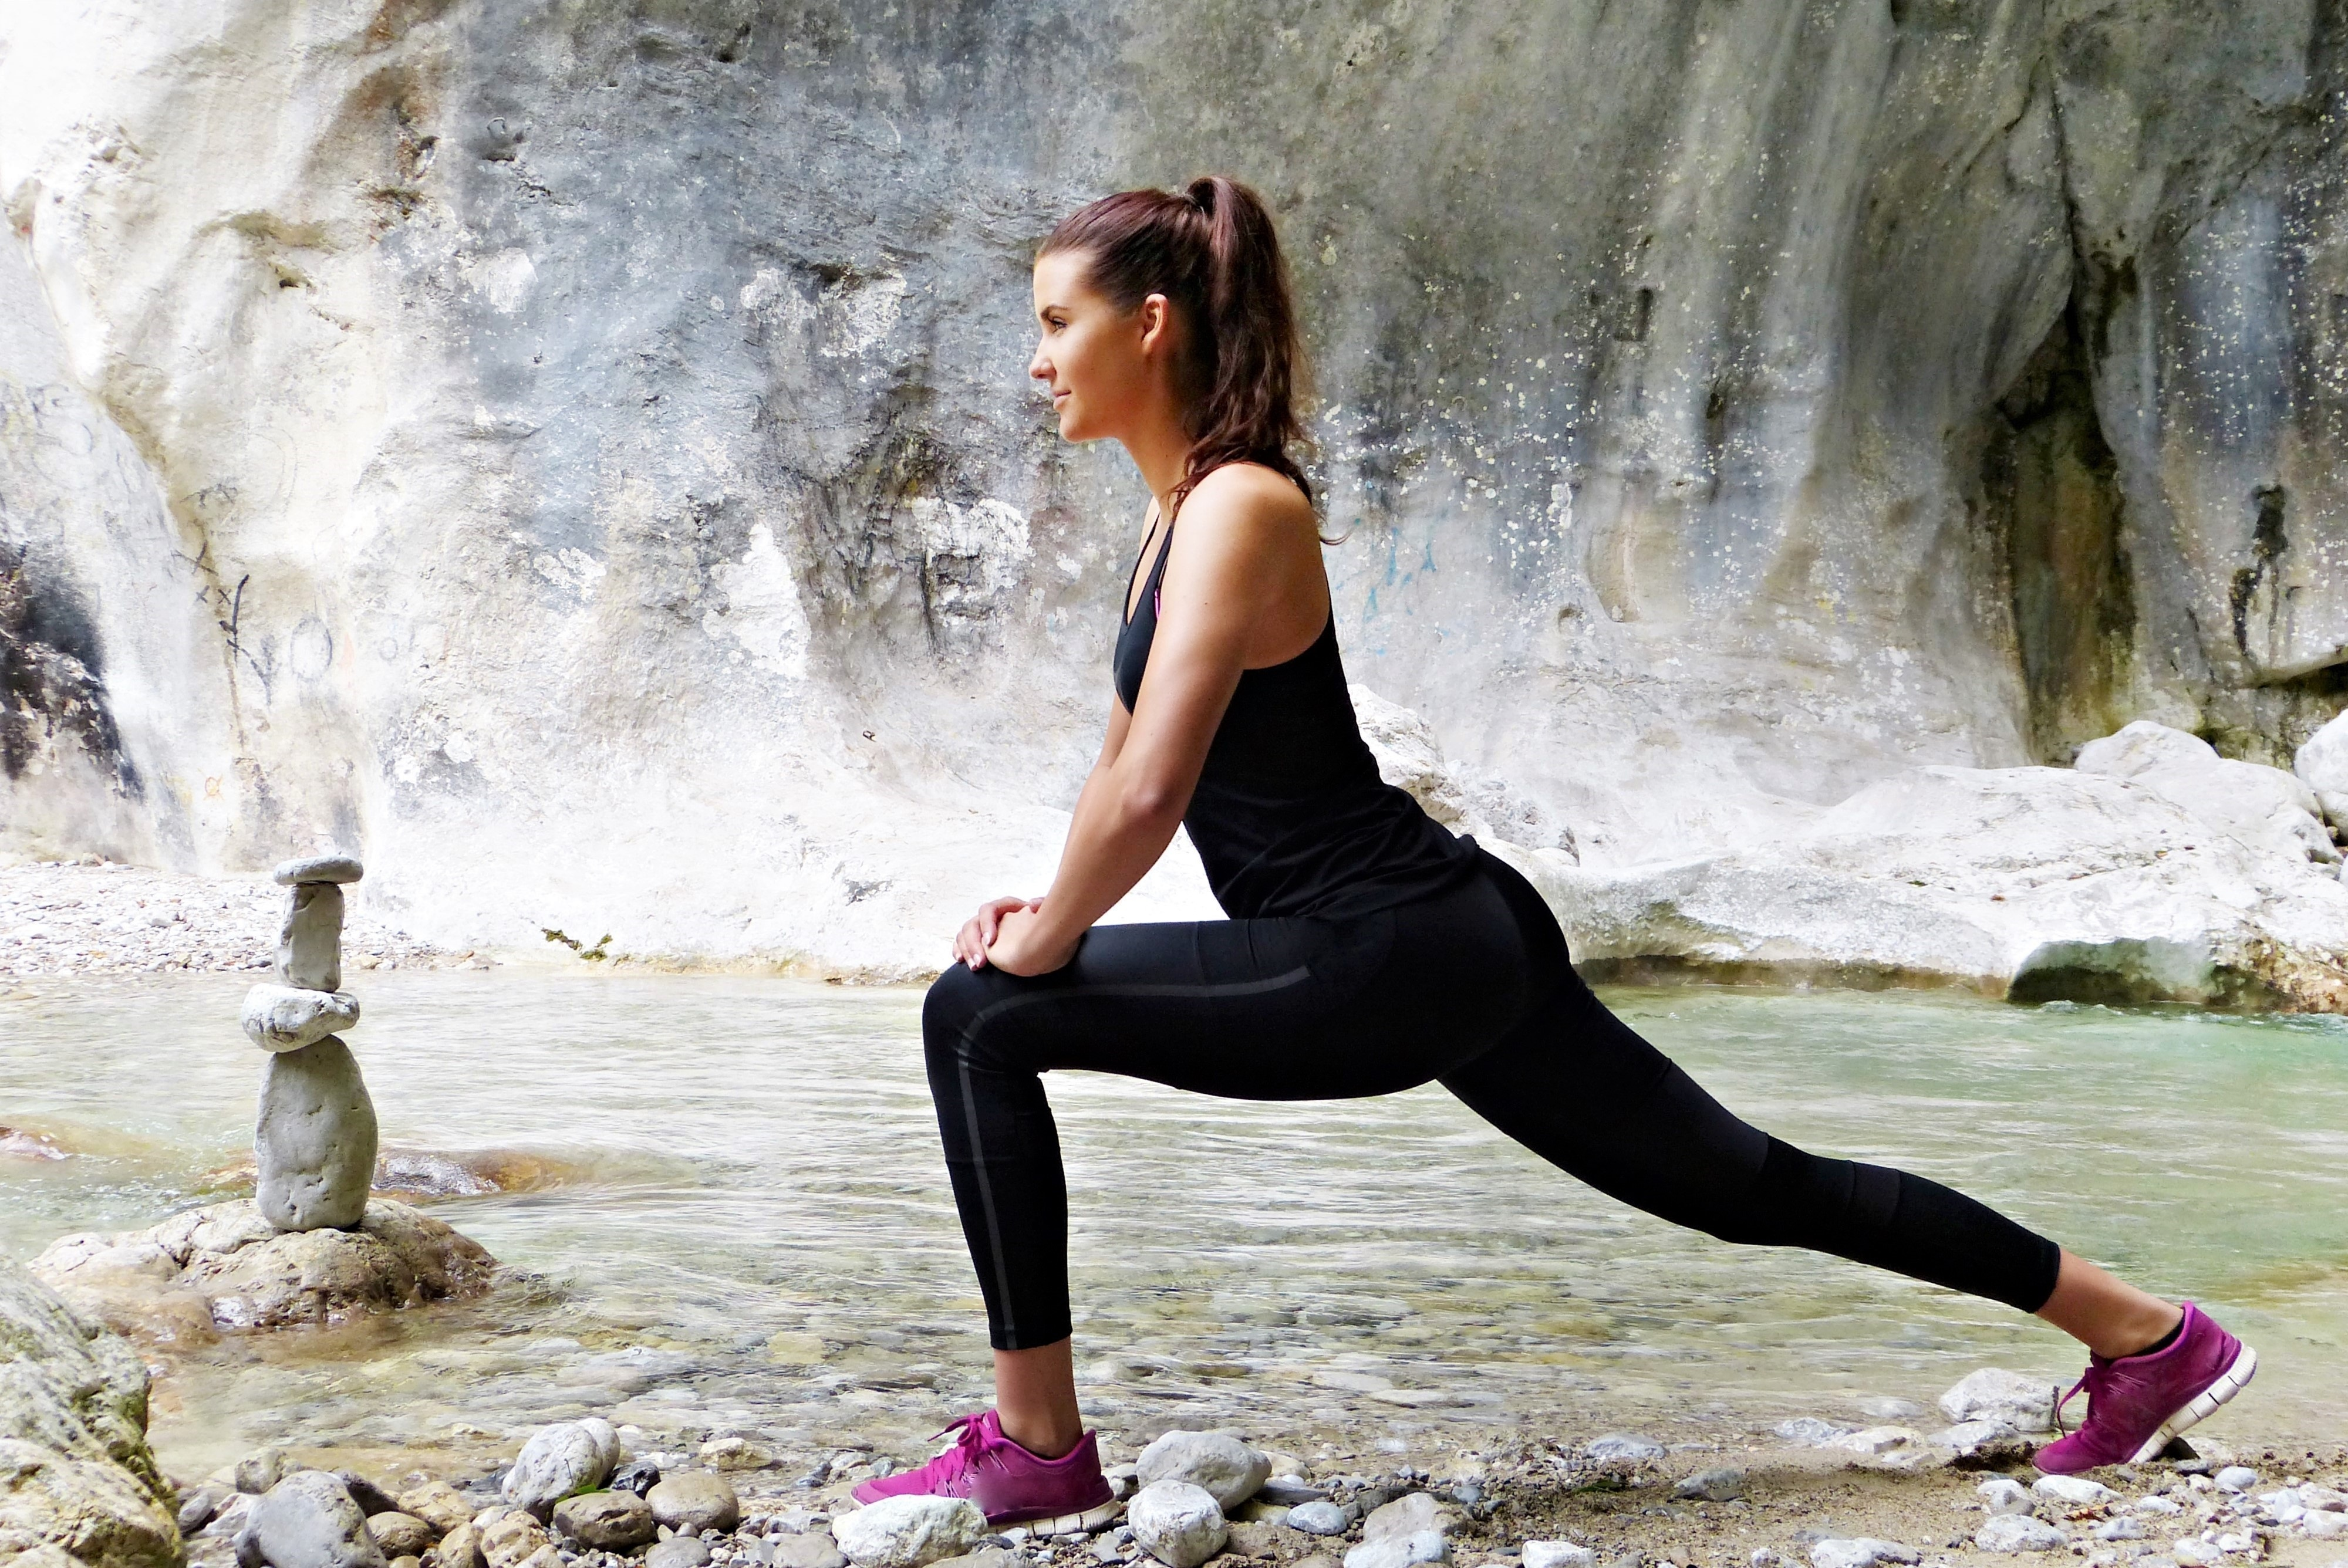 Можно ли заниматься спортом при болезни гепатит С?